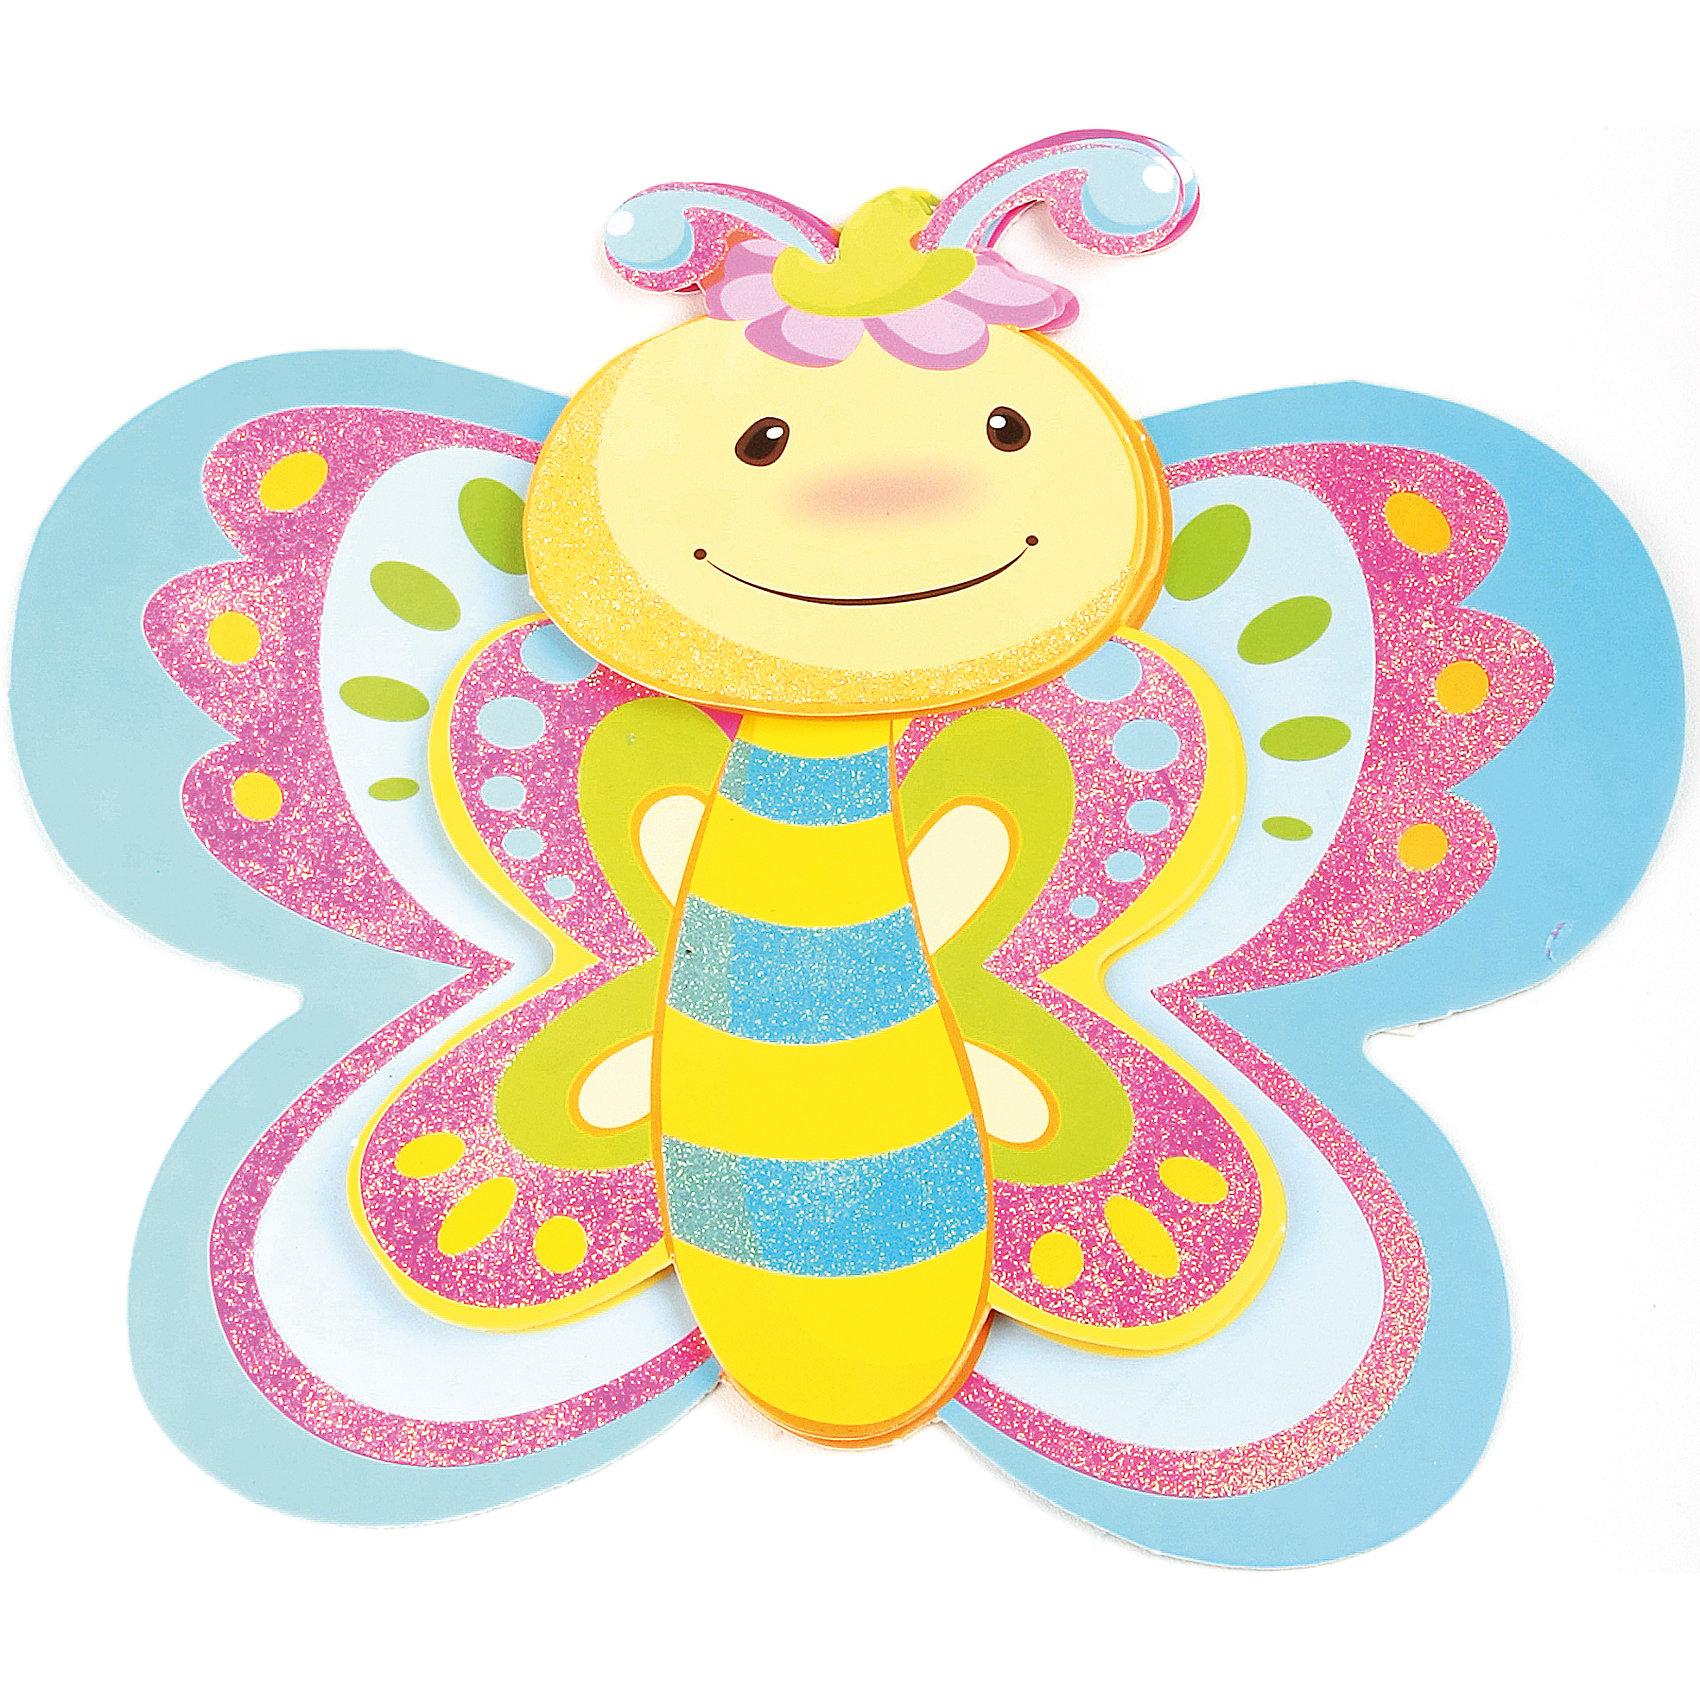 Декоративная наклейка Веселая бабочка 35,5*25 смДекоративная наклейка Веселая бабочка выполненная из бумаги, на клеевой основе, станет прекрасным украшением любого помещения, оживит и дополнит интерьер комнаты.  Легко наклеивается и снимается, не оставляет следов на обоях и других поверхностях. <br><br>Дополнительная информация:<br><br>- Материал: бумага, клей. <br>- Размер: 35,5х25 см.<br><br>Декоративную наклейку Веселая бабочка можно купить в нашем магазине.<br><br>Ширина мм: 350<br>Глубина мм: 250<br>Высота мм: 10<br>Вес г: 39<br>Возраст от месяцев: 36<br>Возраст до месяцев: 2147483647<br>Пол: Женский<br>Возраст: Детский<br>SKU: 4087302